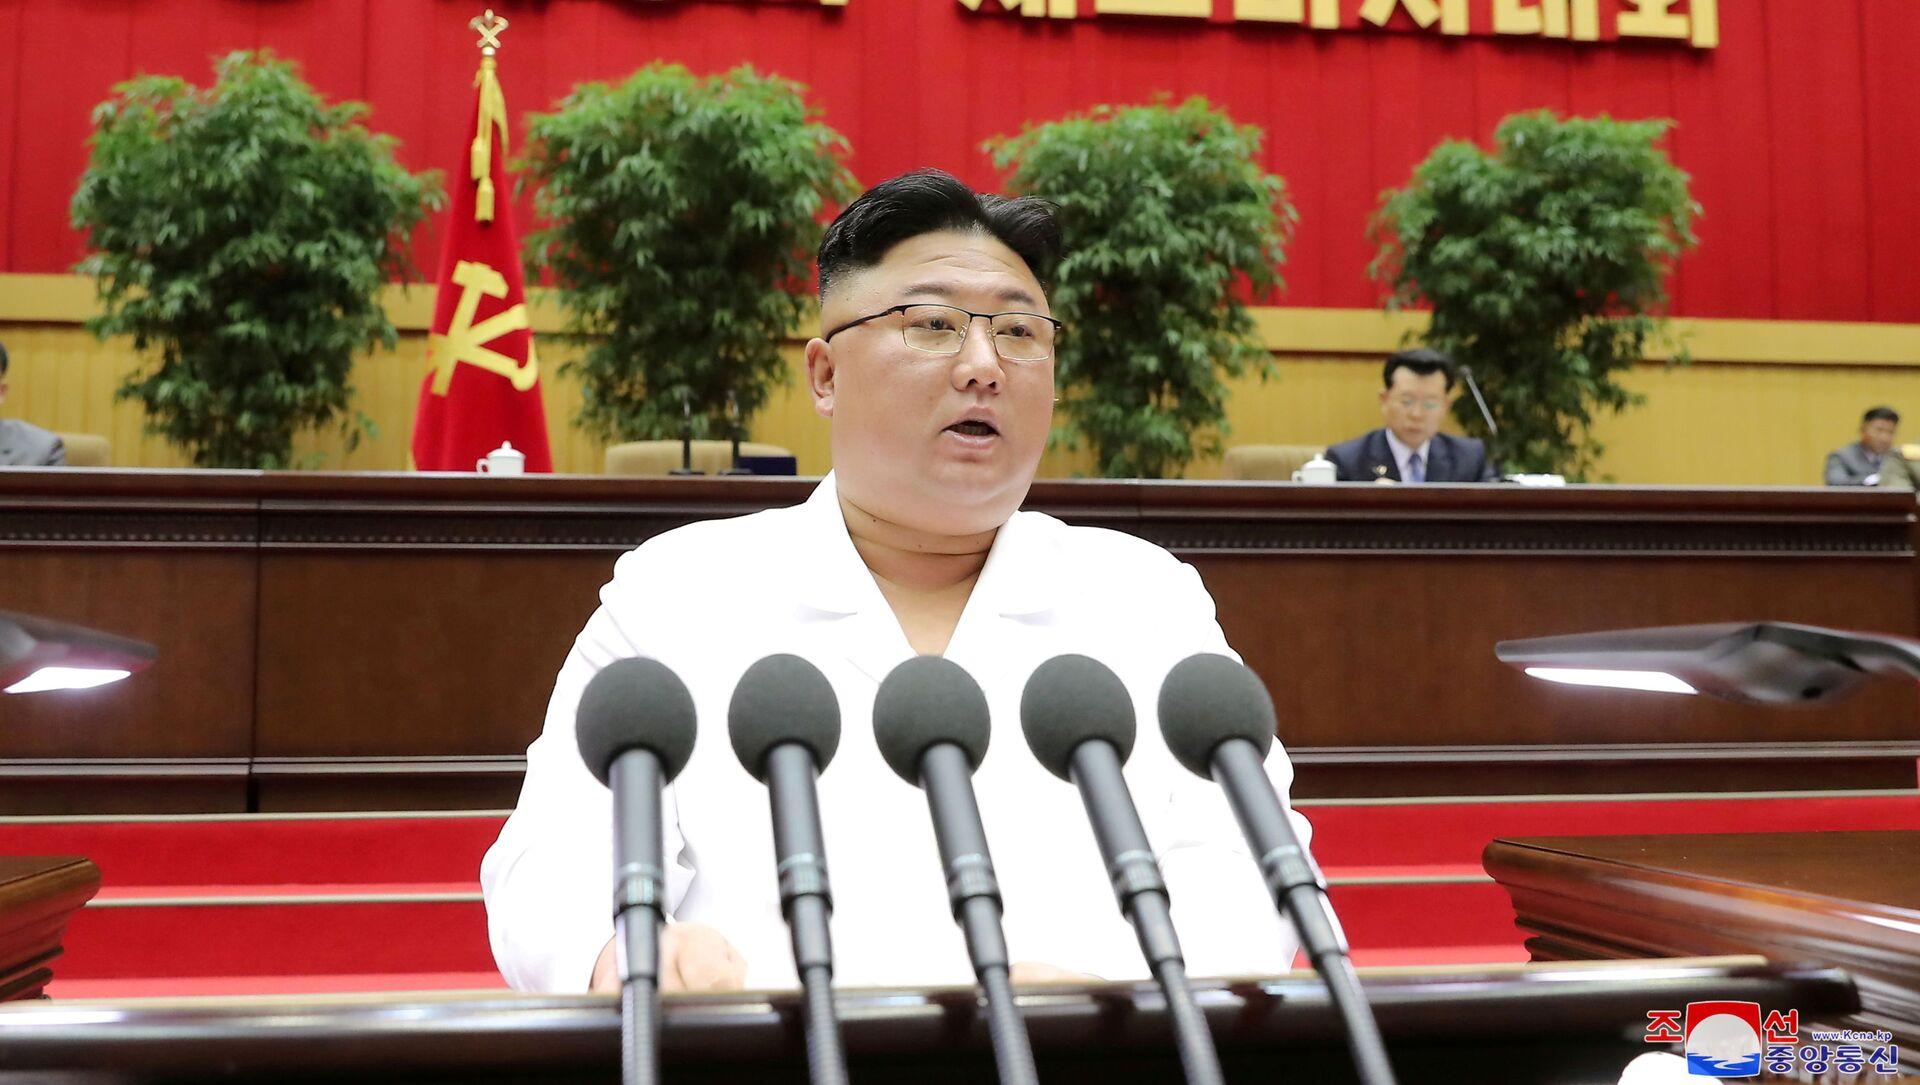 Nhà lãnh đạo Triều Tiên Kim Jong Un phát biểu trước hội nghị các bí thư chi bộ của Đảng Công nhân cầm quyền ở Bình Nhưỡng, trong bức ảnh không ghi ngày tháng được hãng thông tấn trung ương Triều Tiên (KCNA) công bố ngày 7/4/2021. - Sputnik Việt Nam, 1920, 23.09.2021